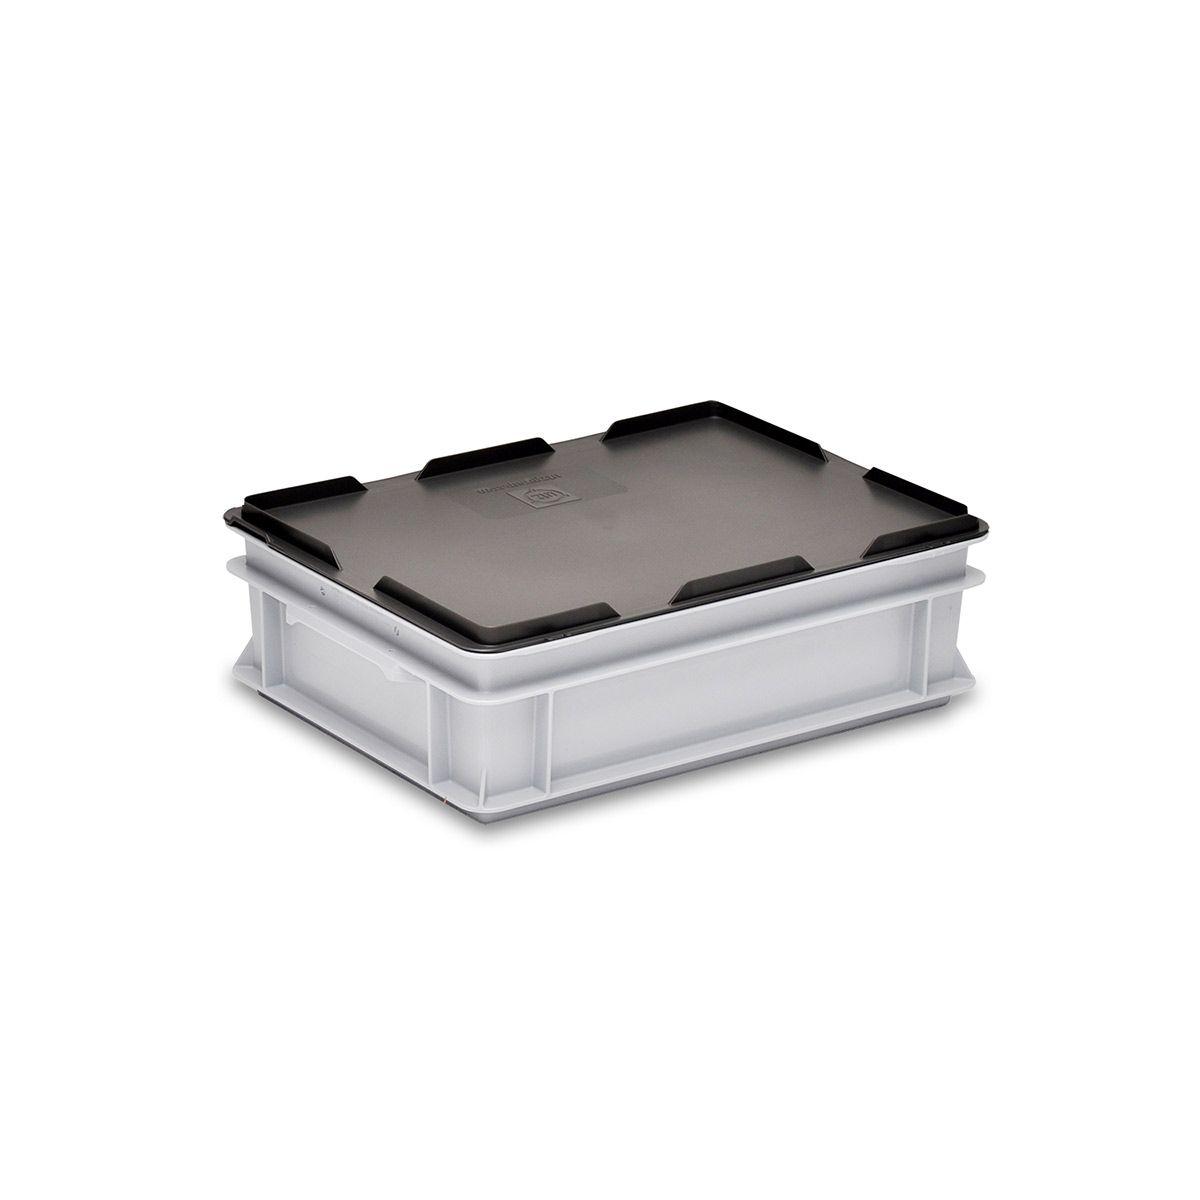 Couvercle pour bac Rako, noir, 400 x 300 mm